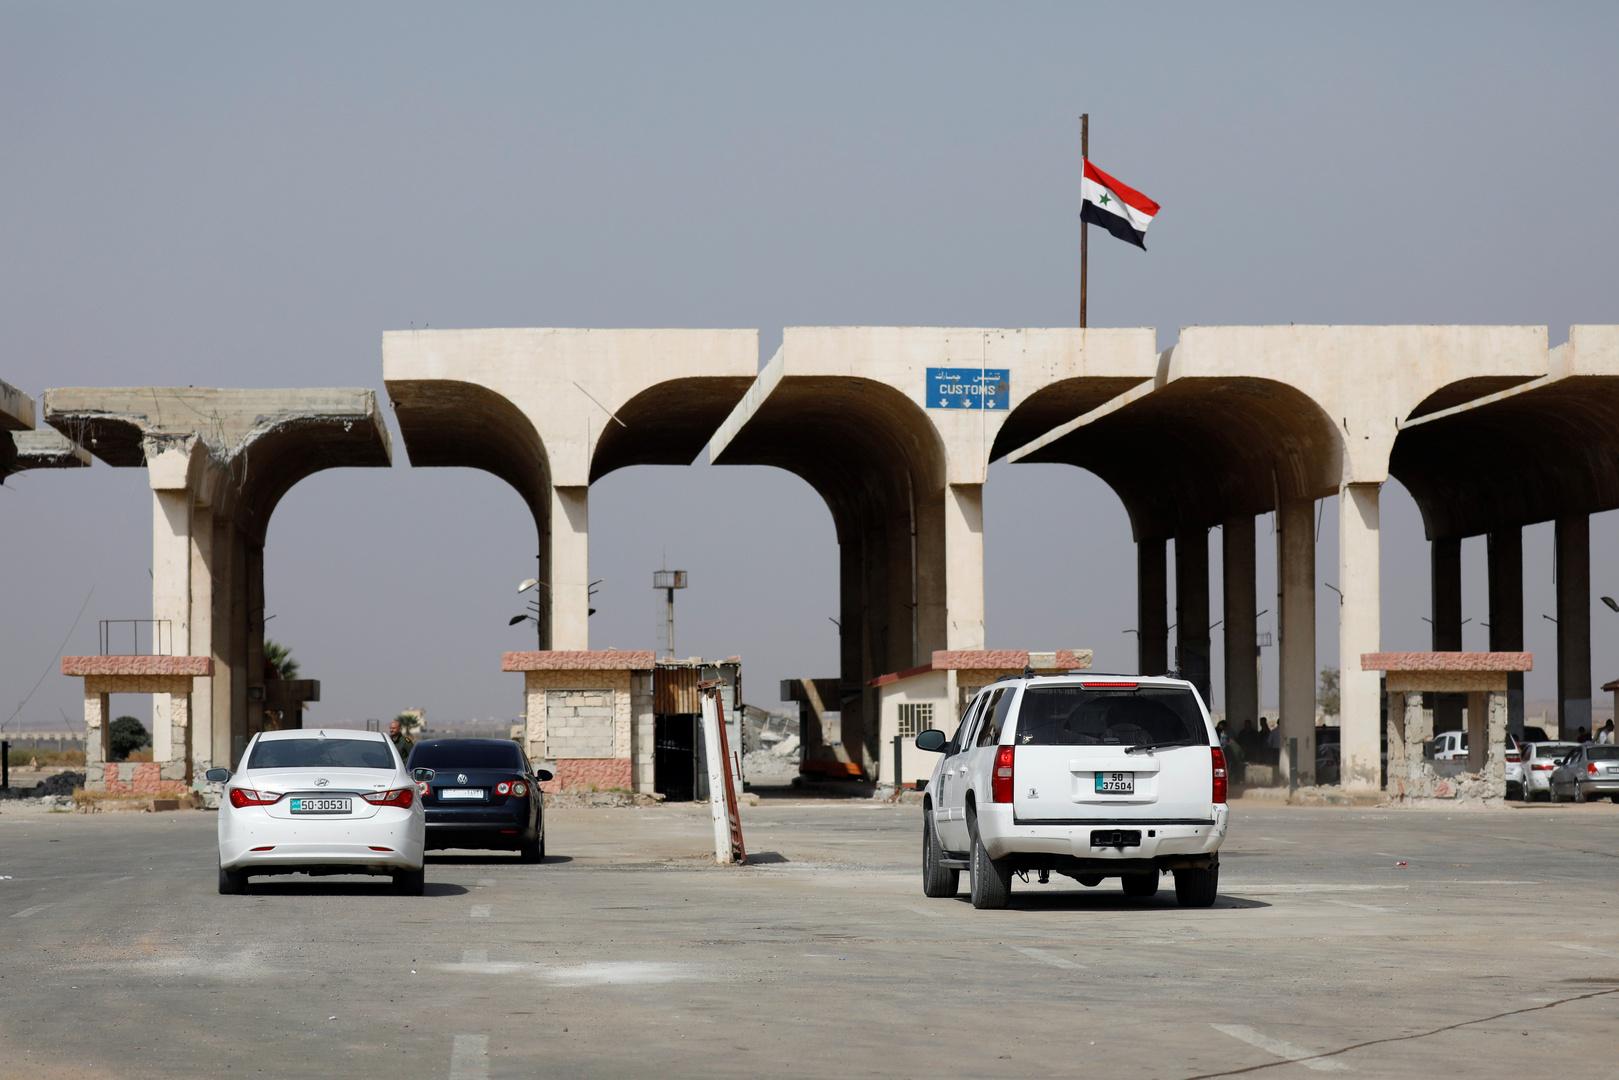 غرفة تجارة الأردن: الاستيراد من سوريا لن يؤثر على المنتج المحلي